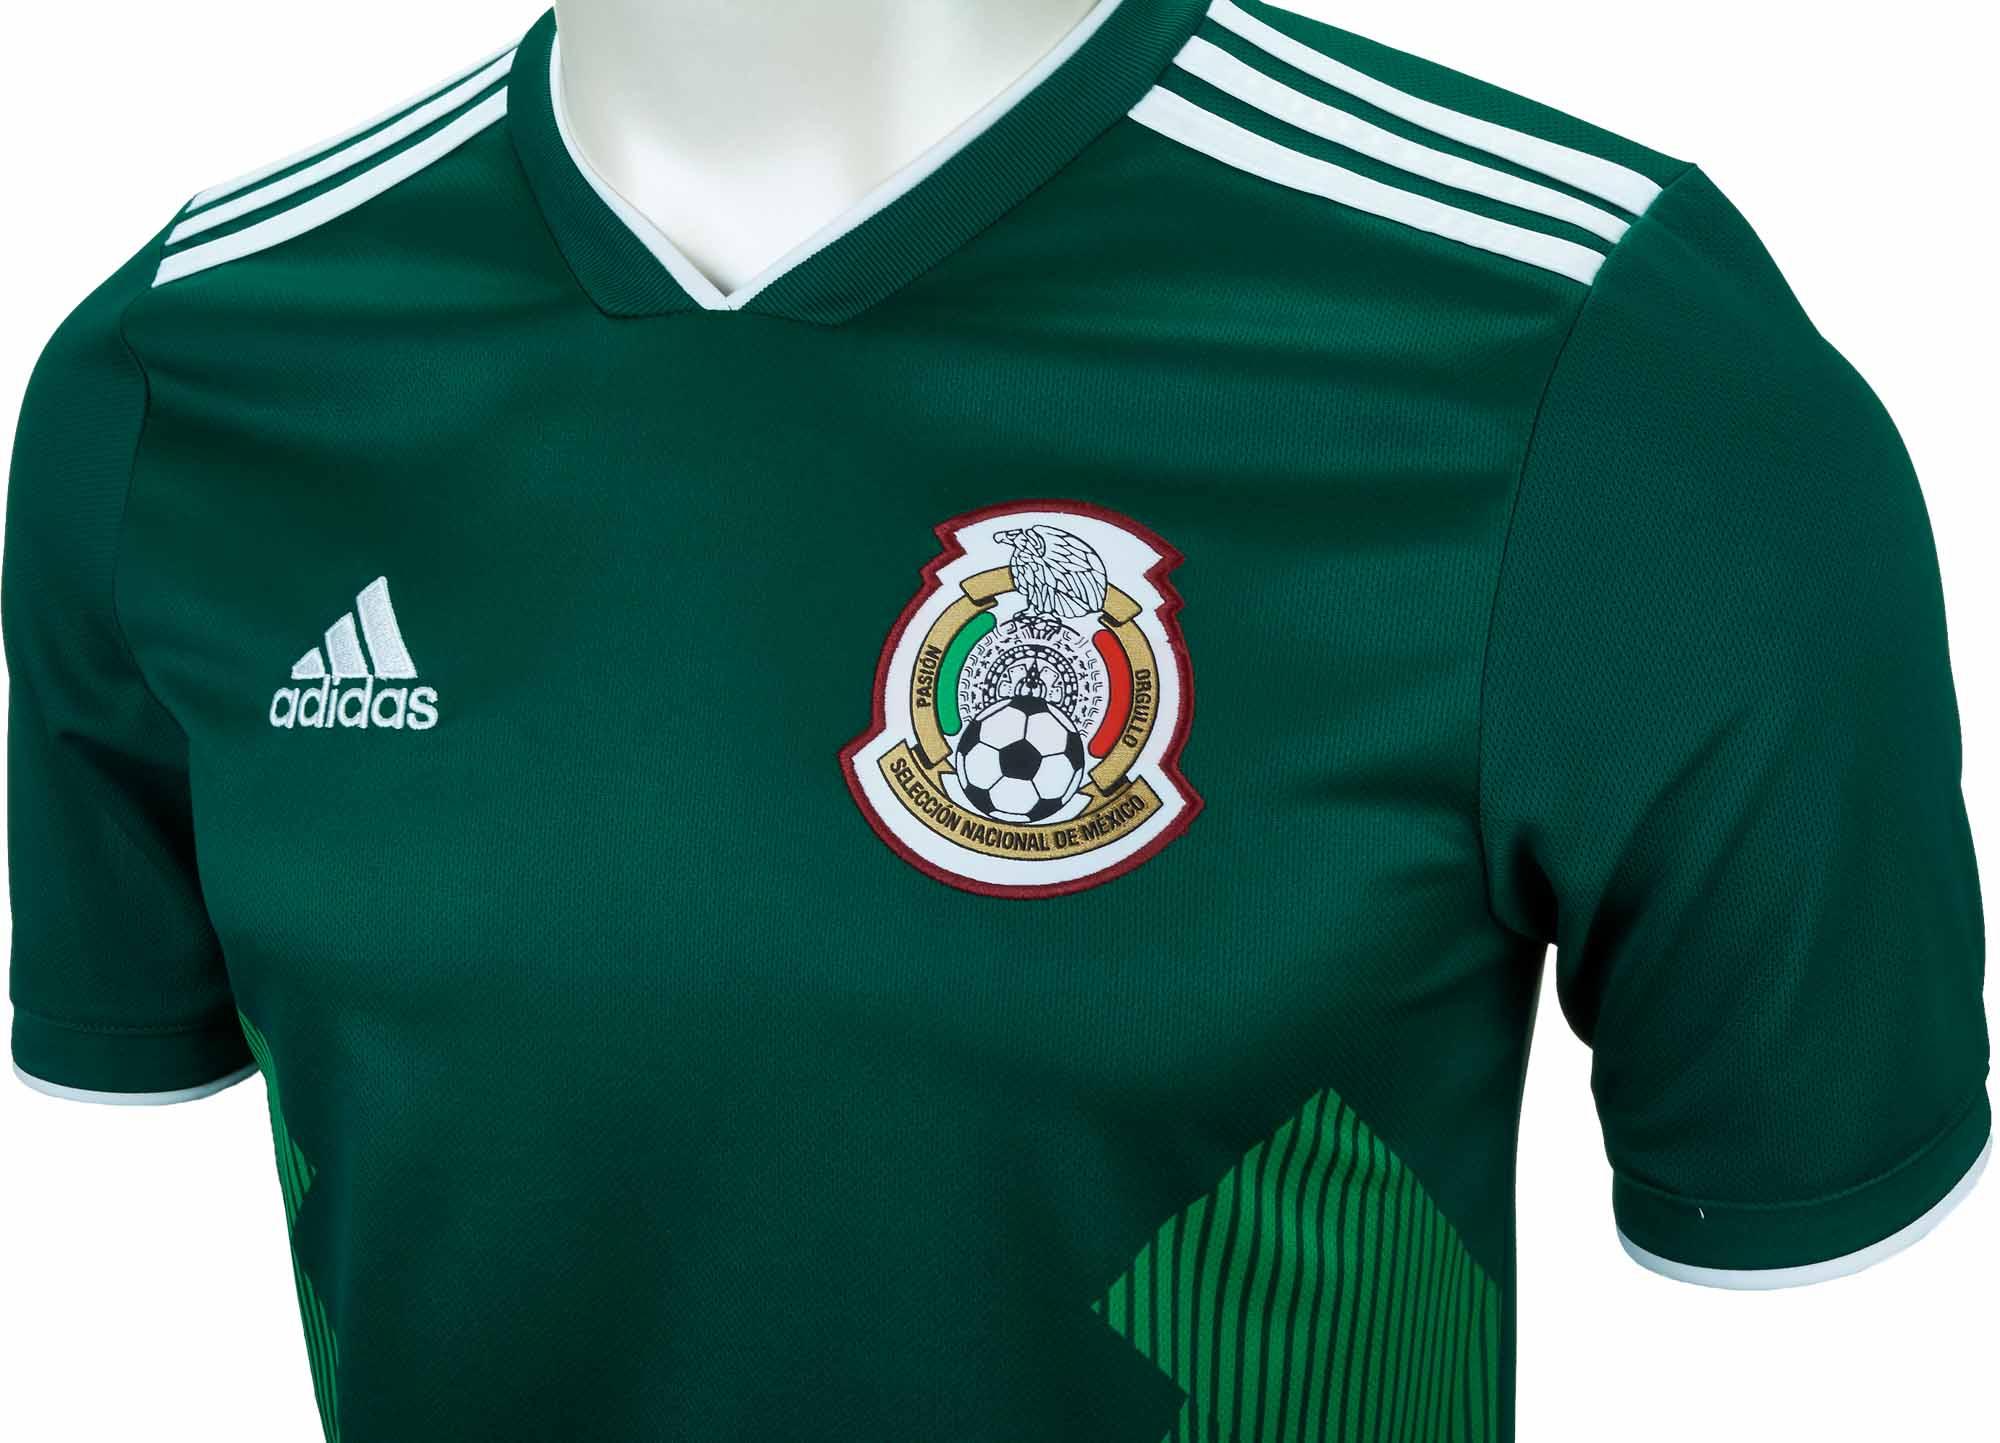 adidas Mexico Home Jersey 2018-19 - SoccerPro.com cc588fa1e